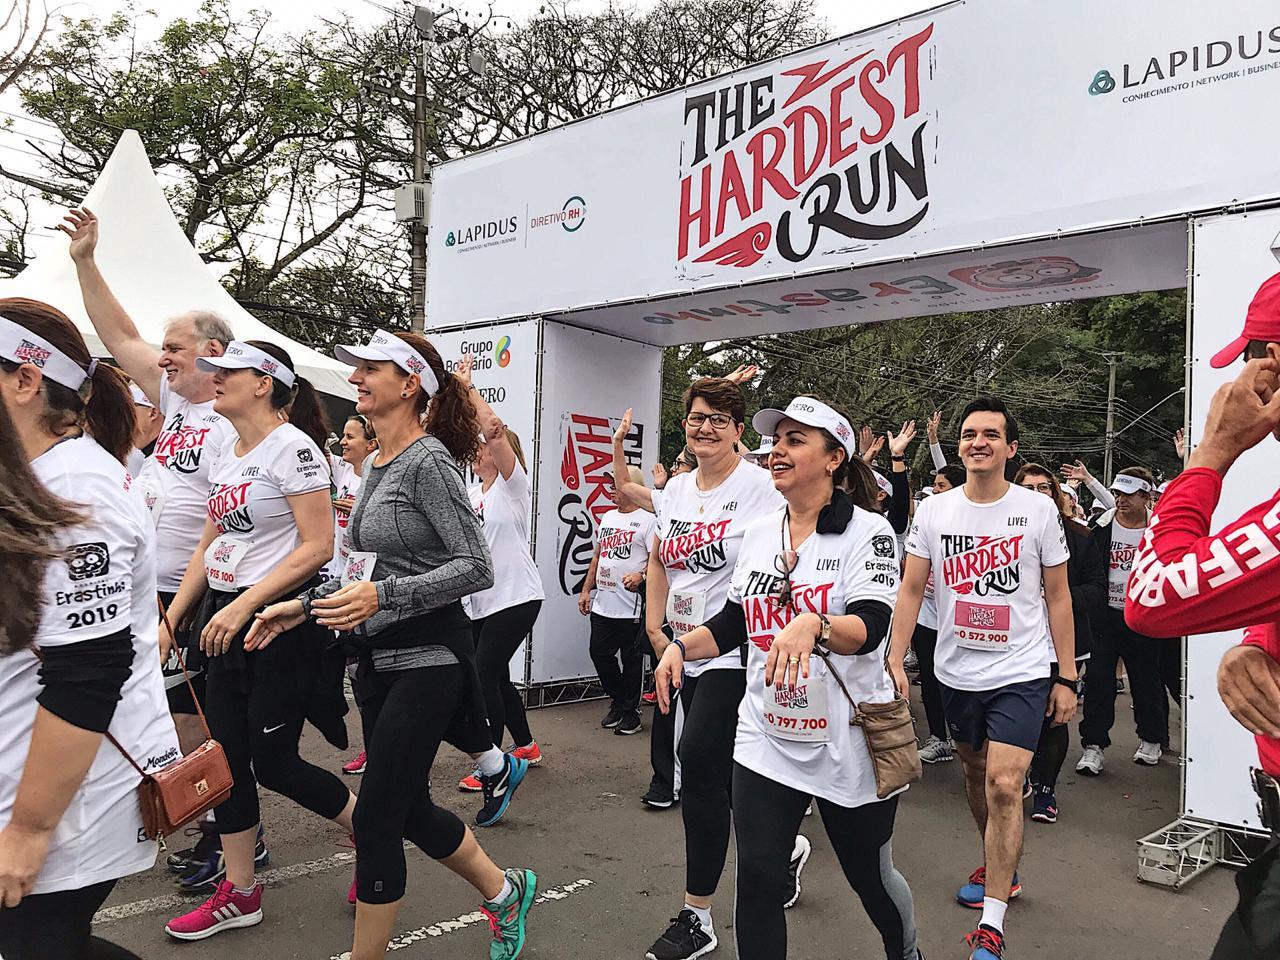 Emoção e superação marcaram a maior corrida de rua de Curitiba